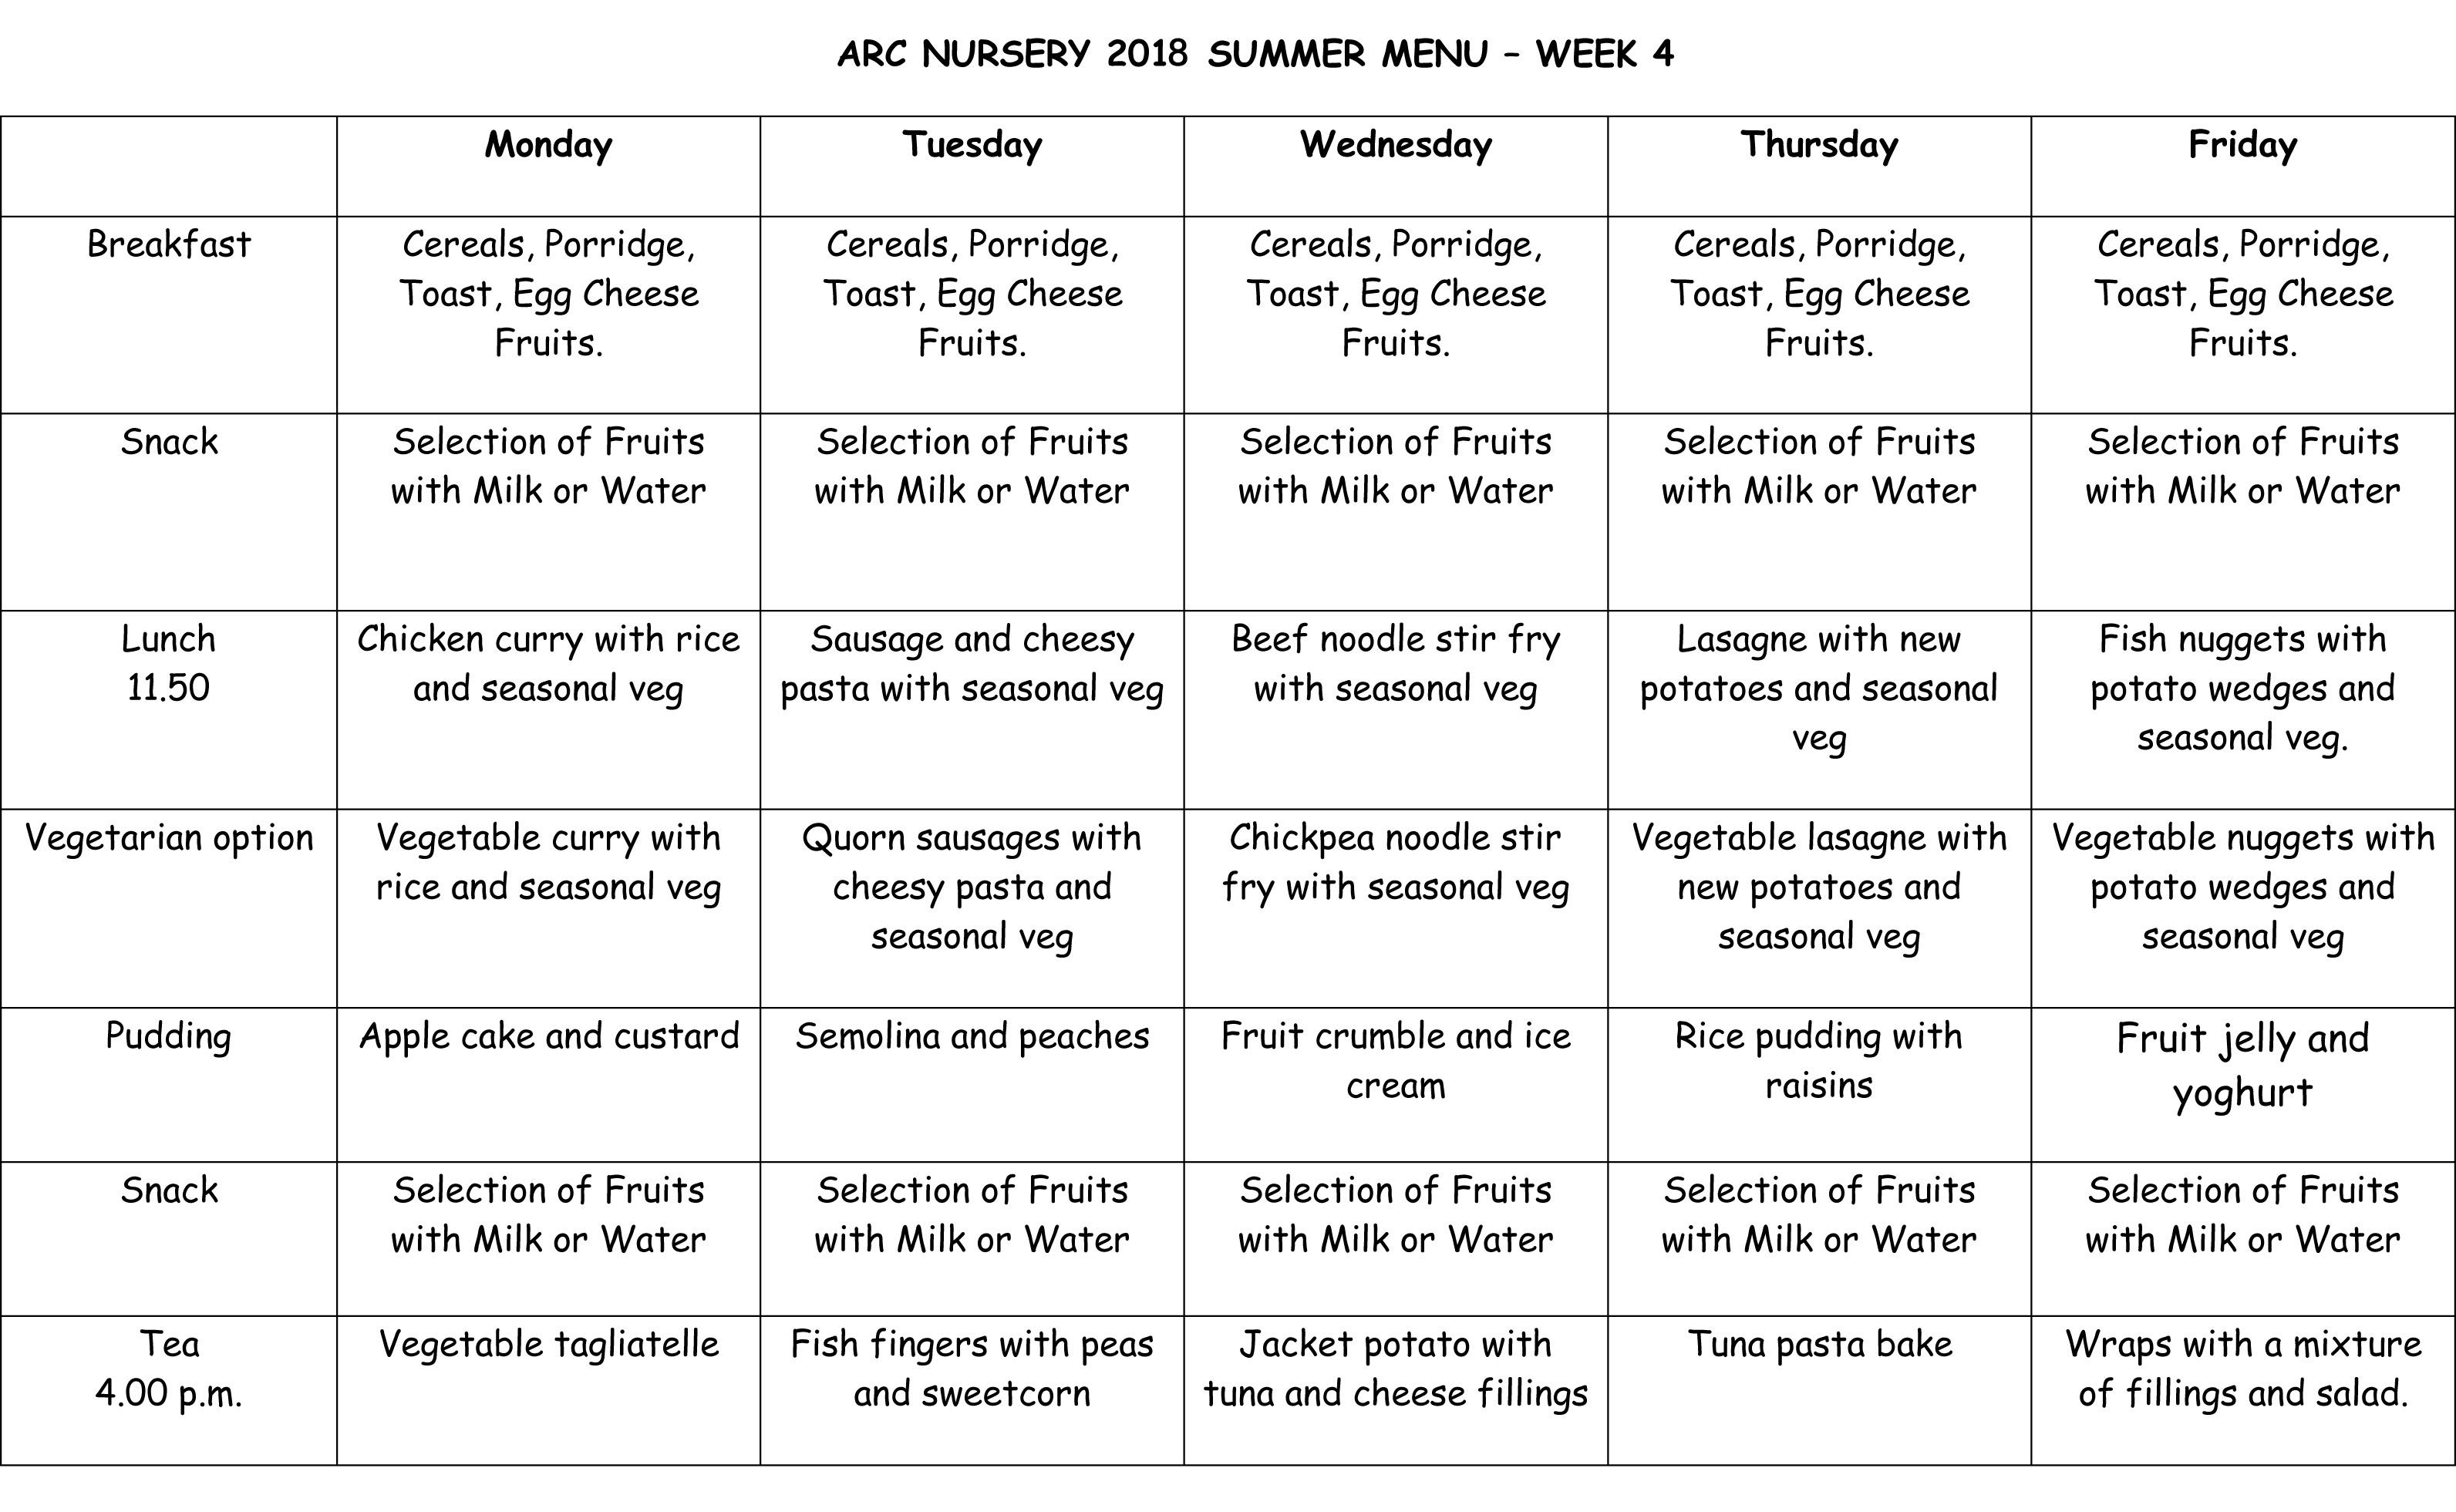 Arc Nursery 2018 Summer Menu - Week 4